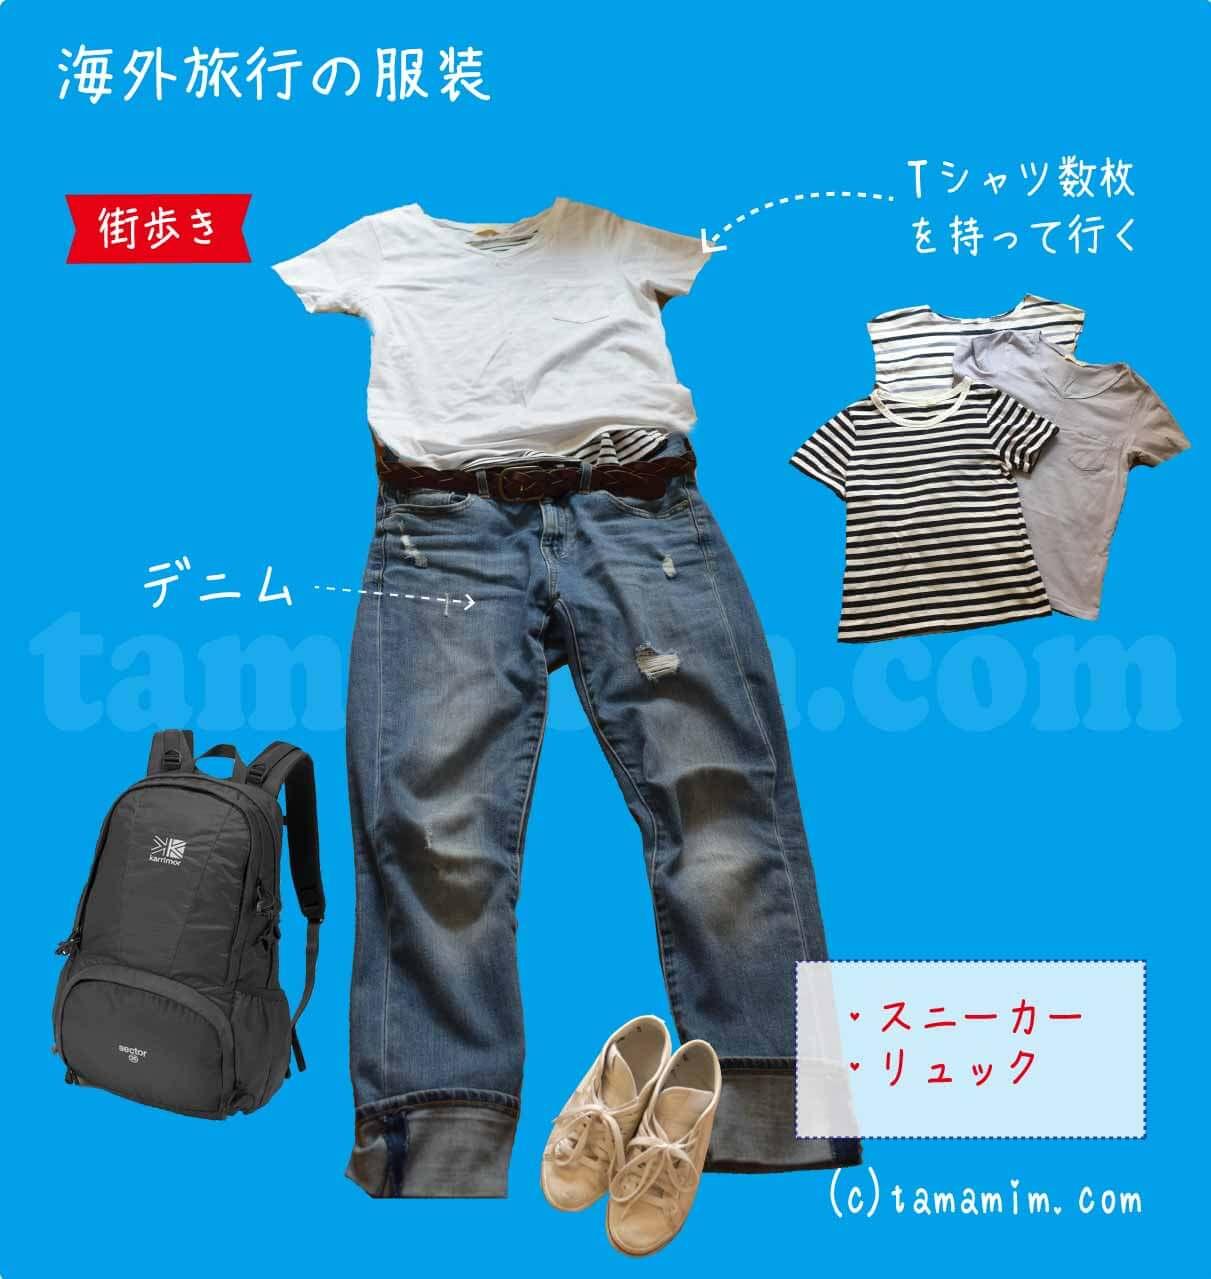 海外旅行の服装 街歩き